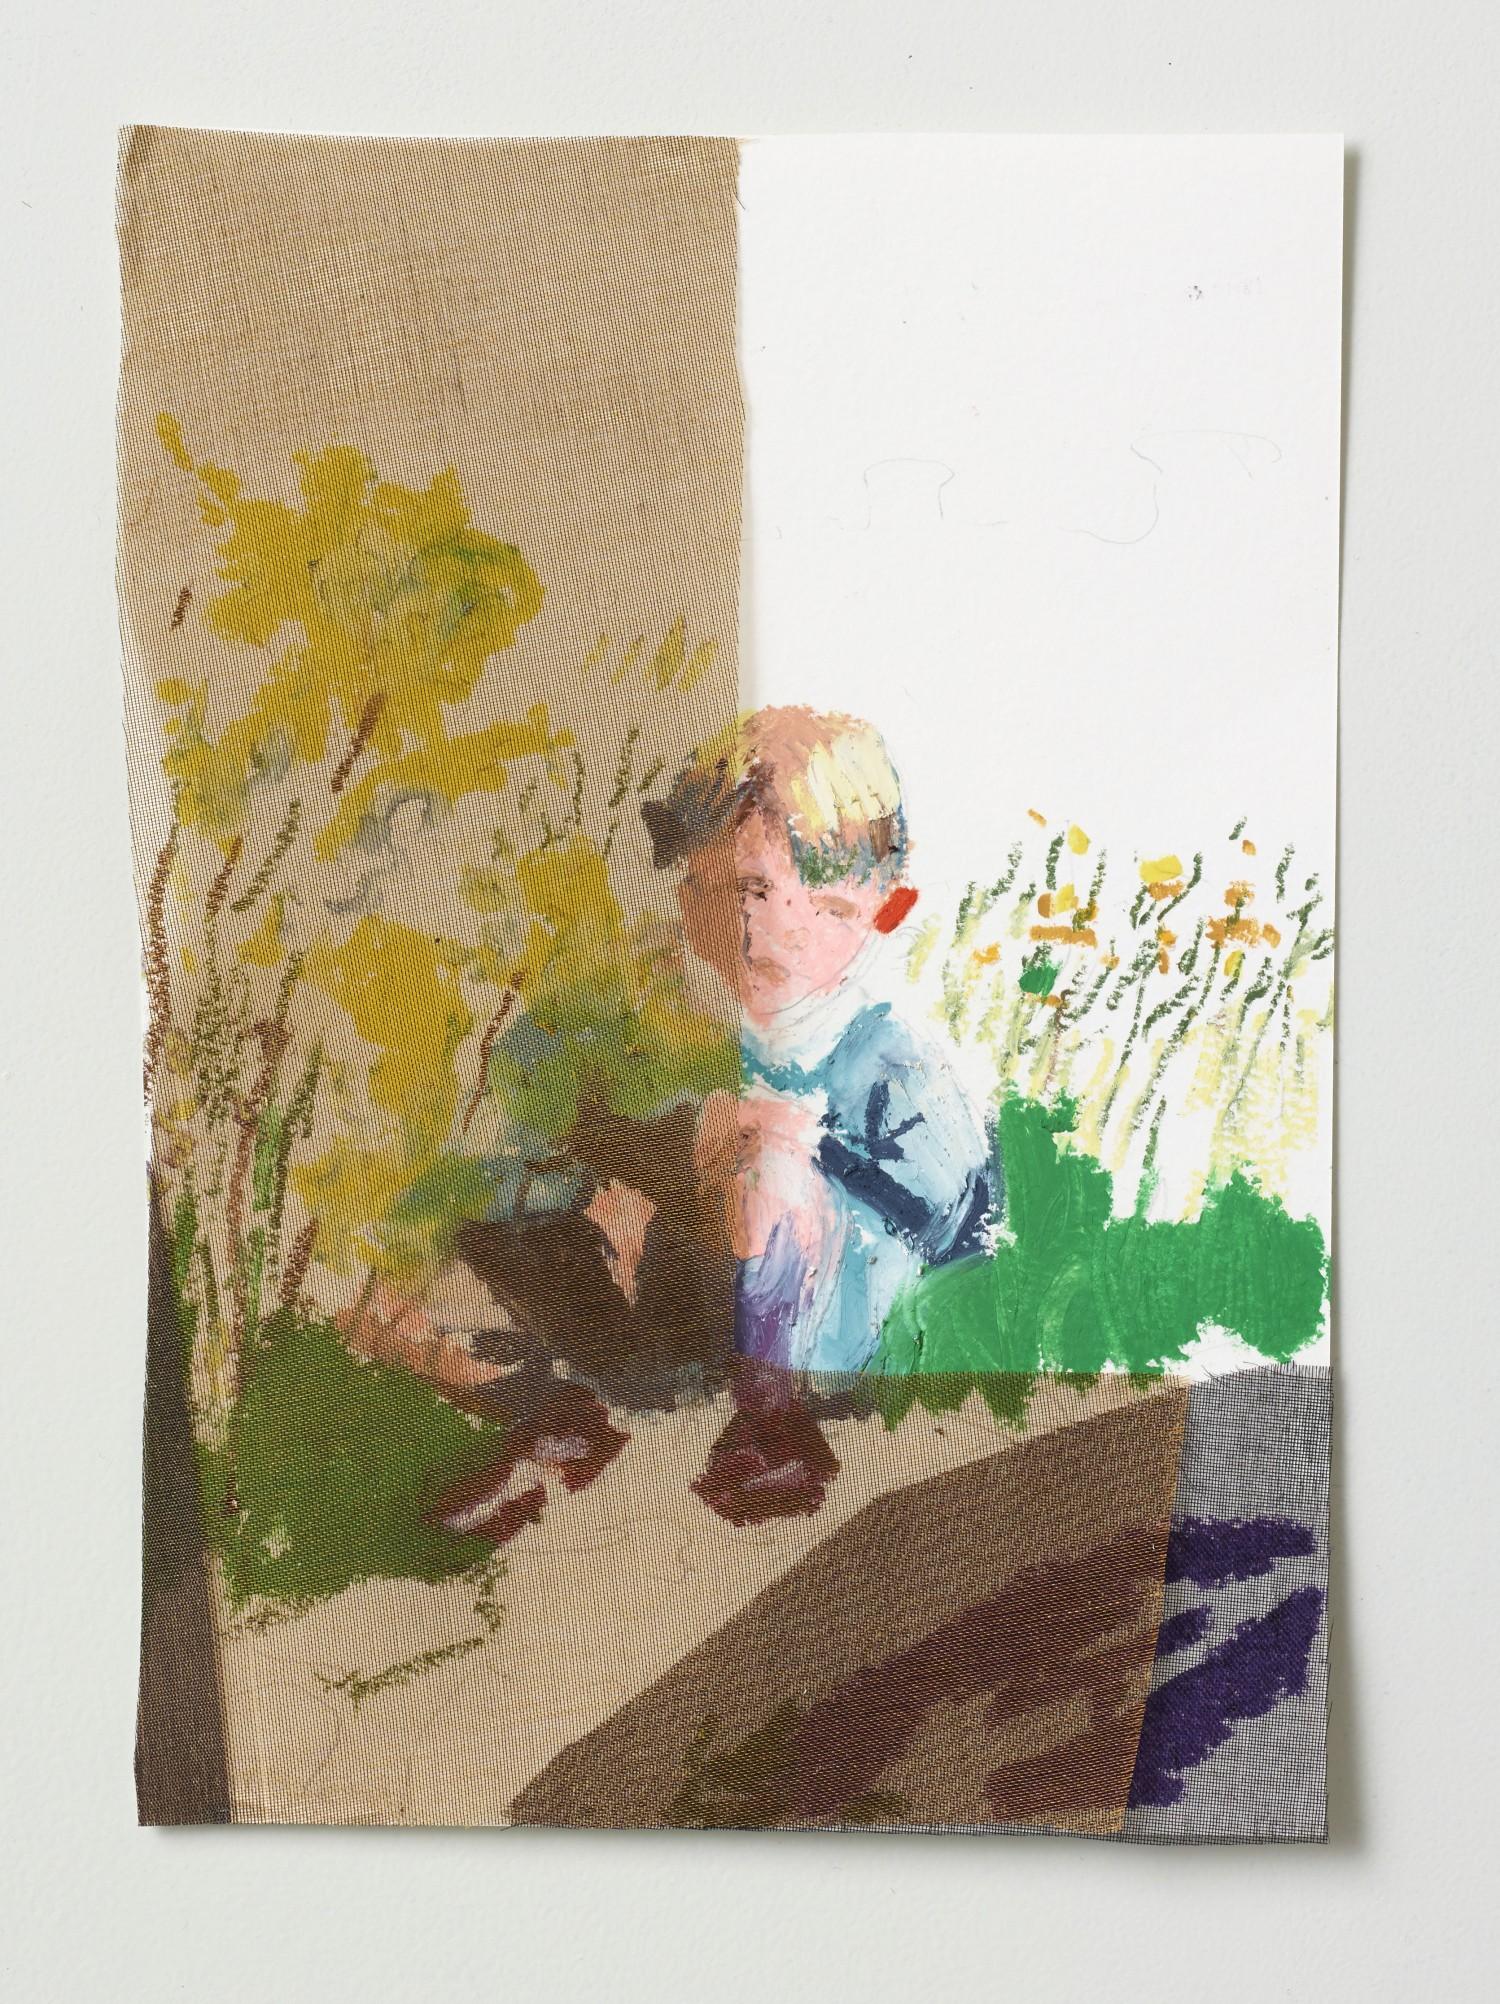 Børnetegning 4/28 (Kidsdrawing), 14 x 17 cm, 2015